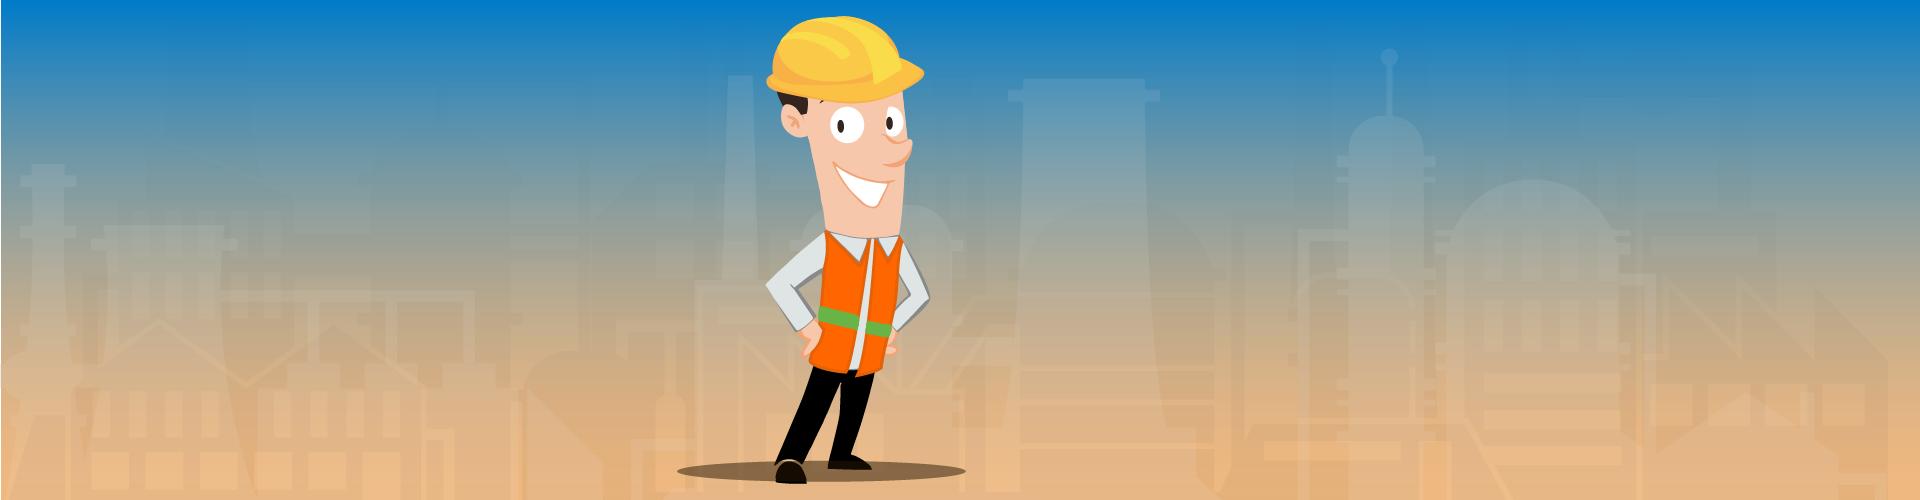 Um profissional da Instrumentação precisa conhecer a importância da Medição de Nível para a eficiência dos processos industriais.